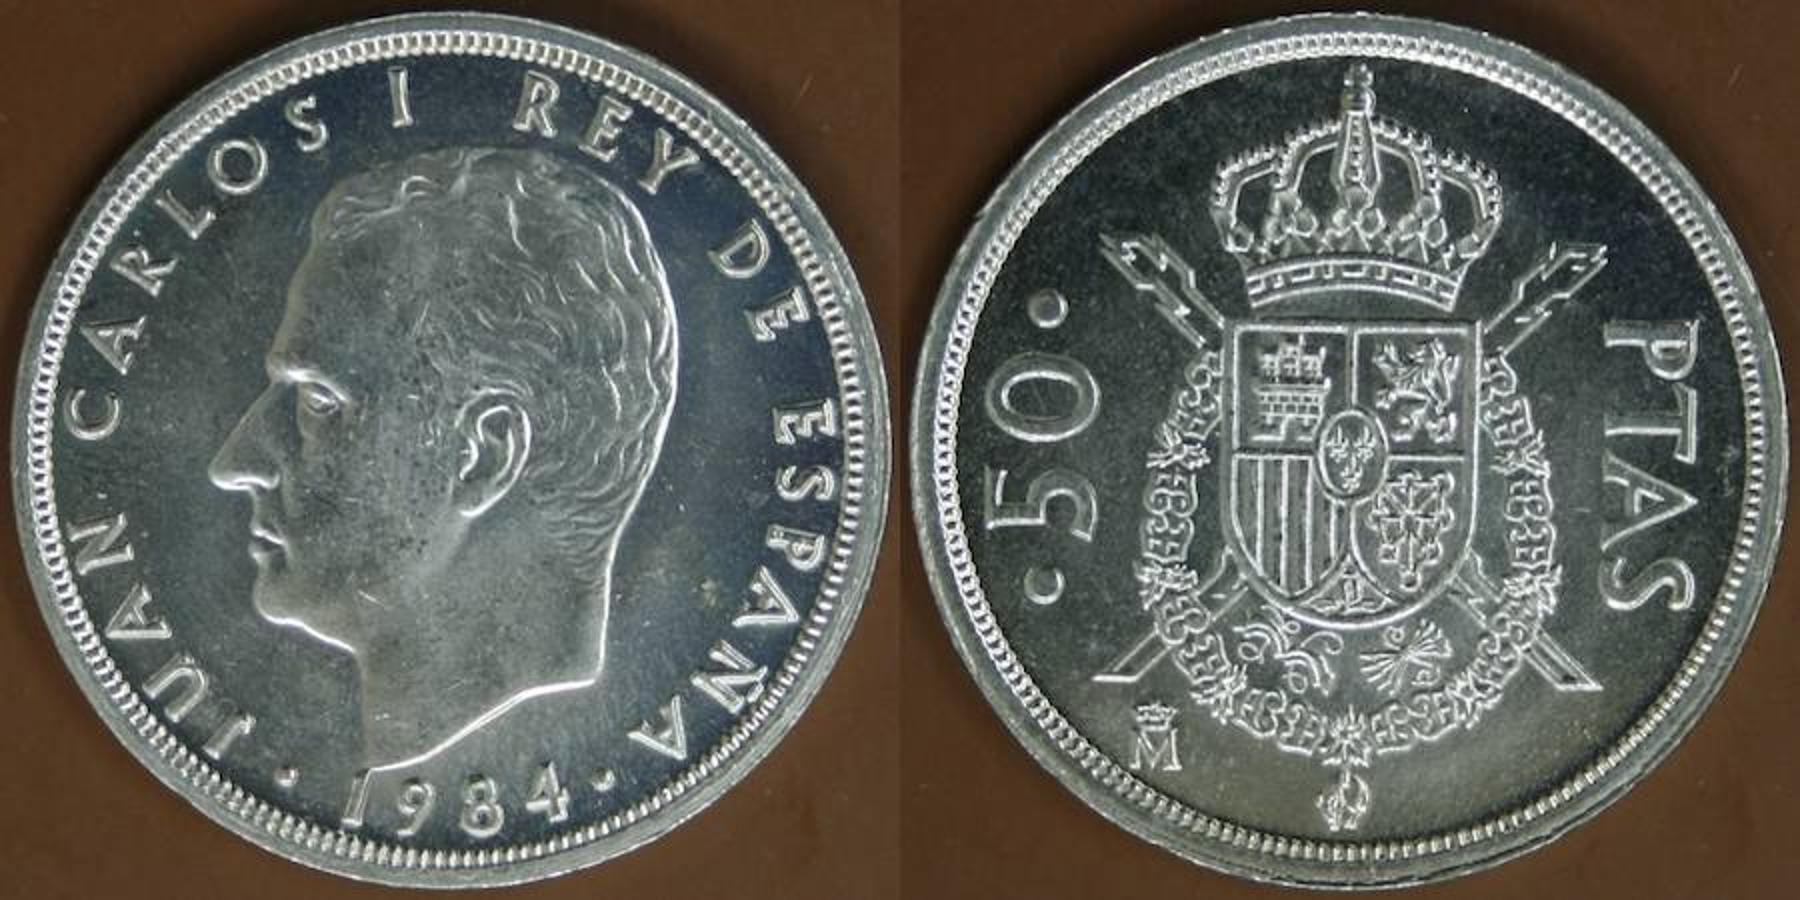 50 Pesetas 1984. Antes de que se estableciera el nuevo sistema monetario en 1990, circulaban enormes monedas de 50 pesetas, que ya alcanzan el valor de 60 o 70 euros.